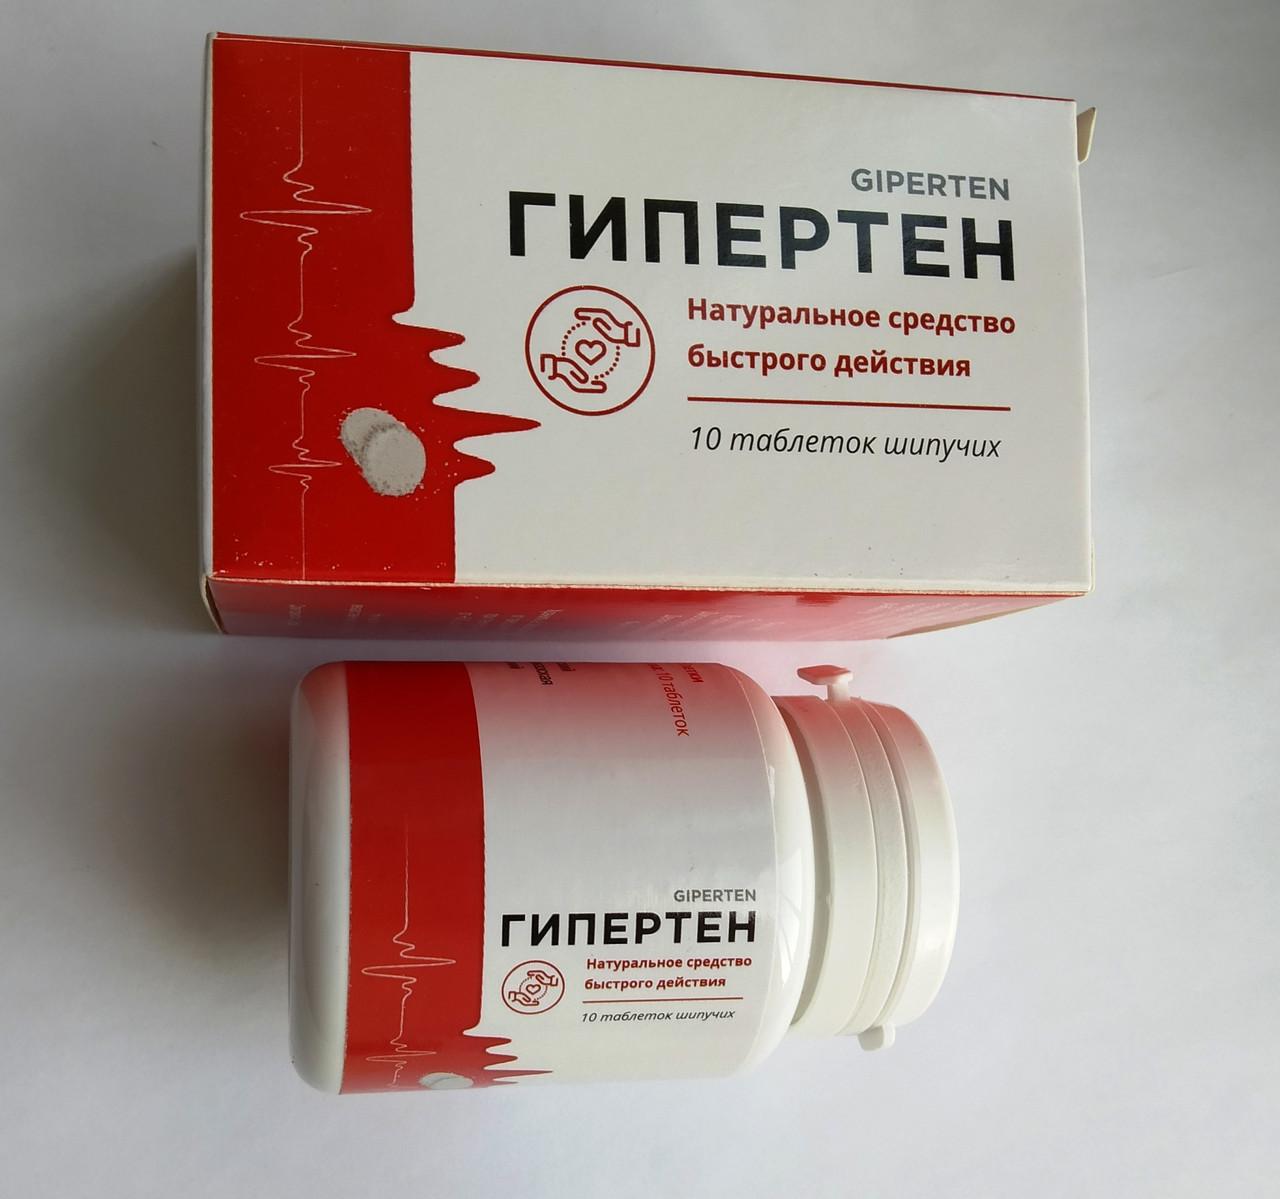 Гипертен - Шипучие таблетки от давления. Гипертен от гипертонии | Нормализация давления